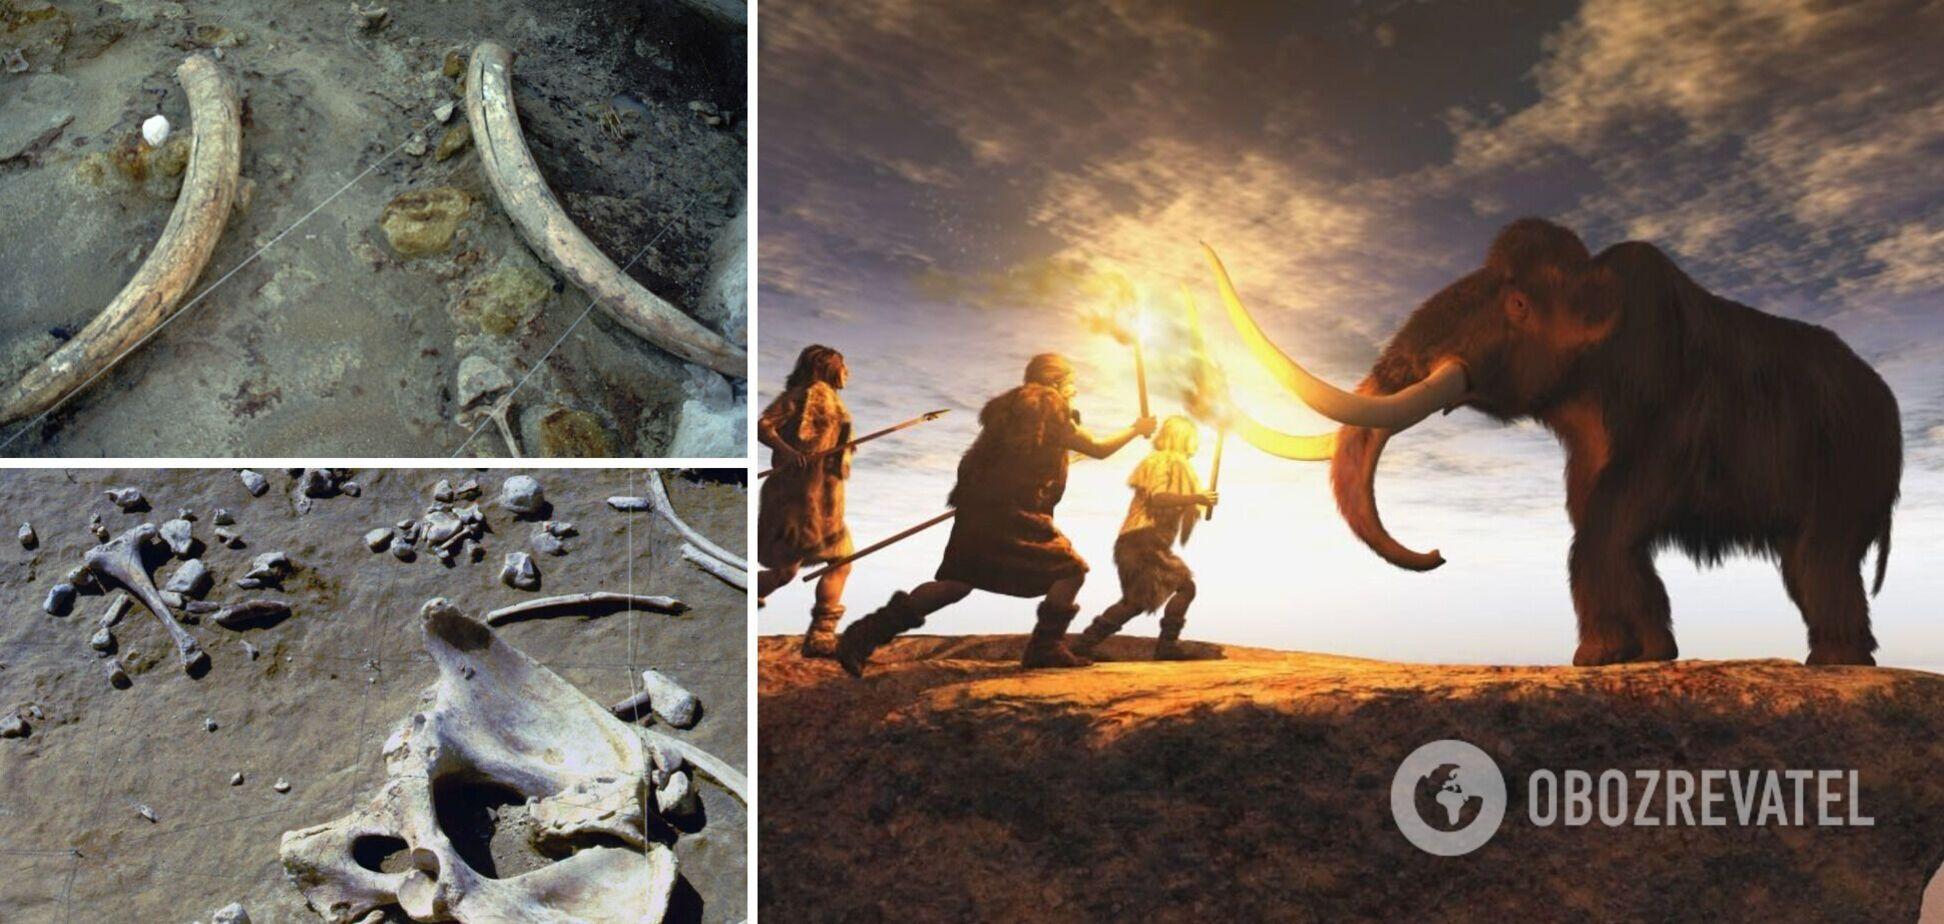 В Італії виявили інструмент, який випередив свій час на 100 тис. років. Фото